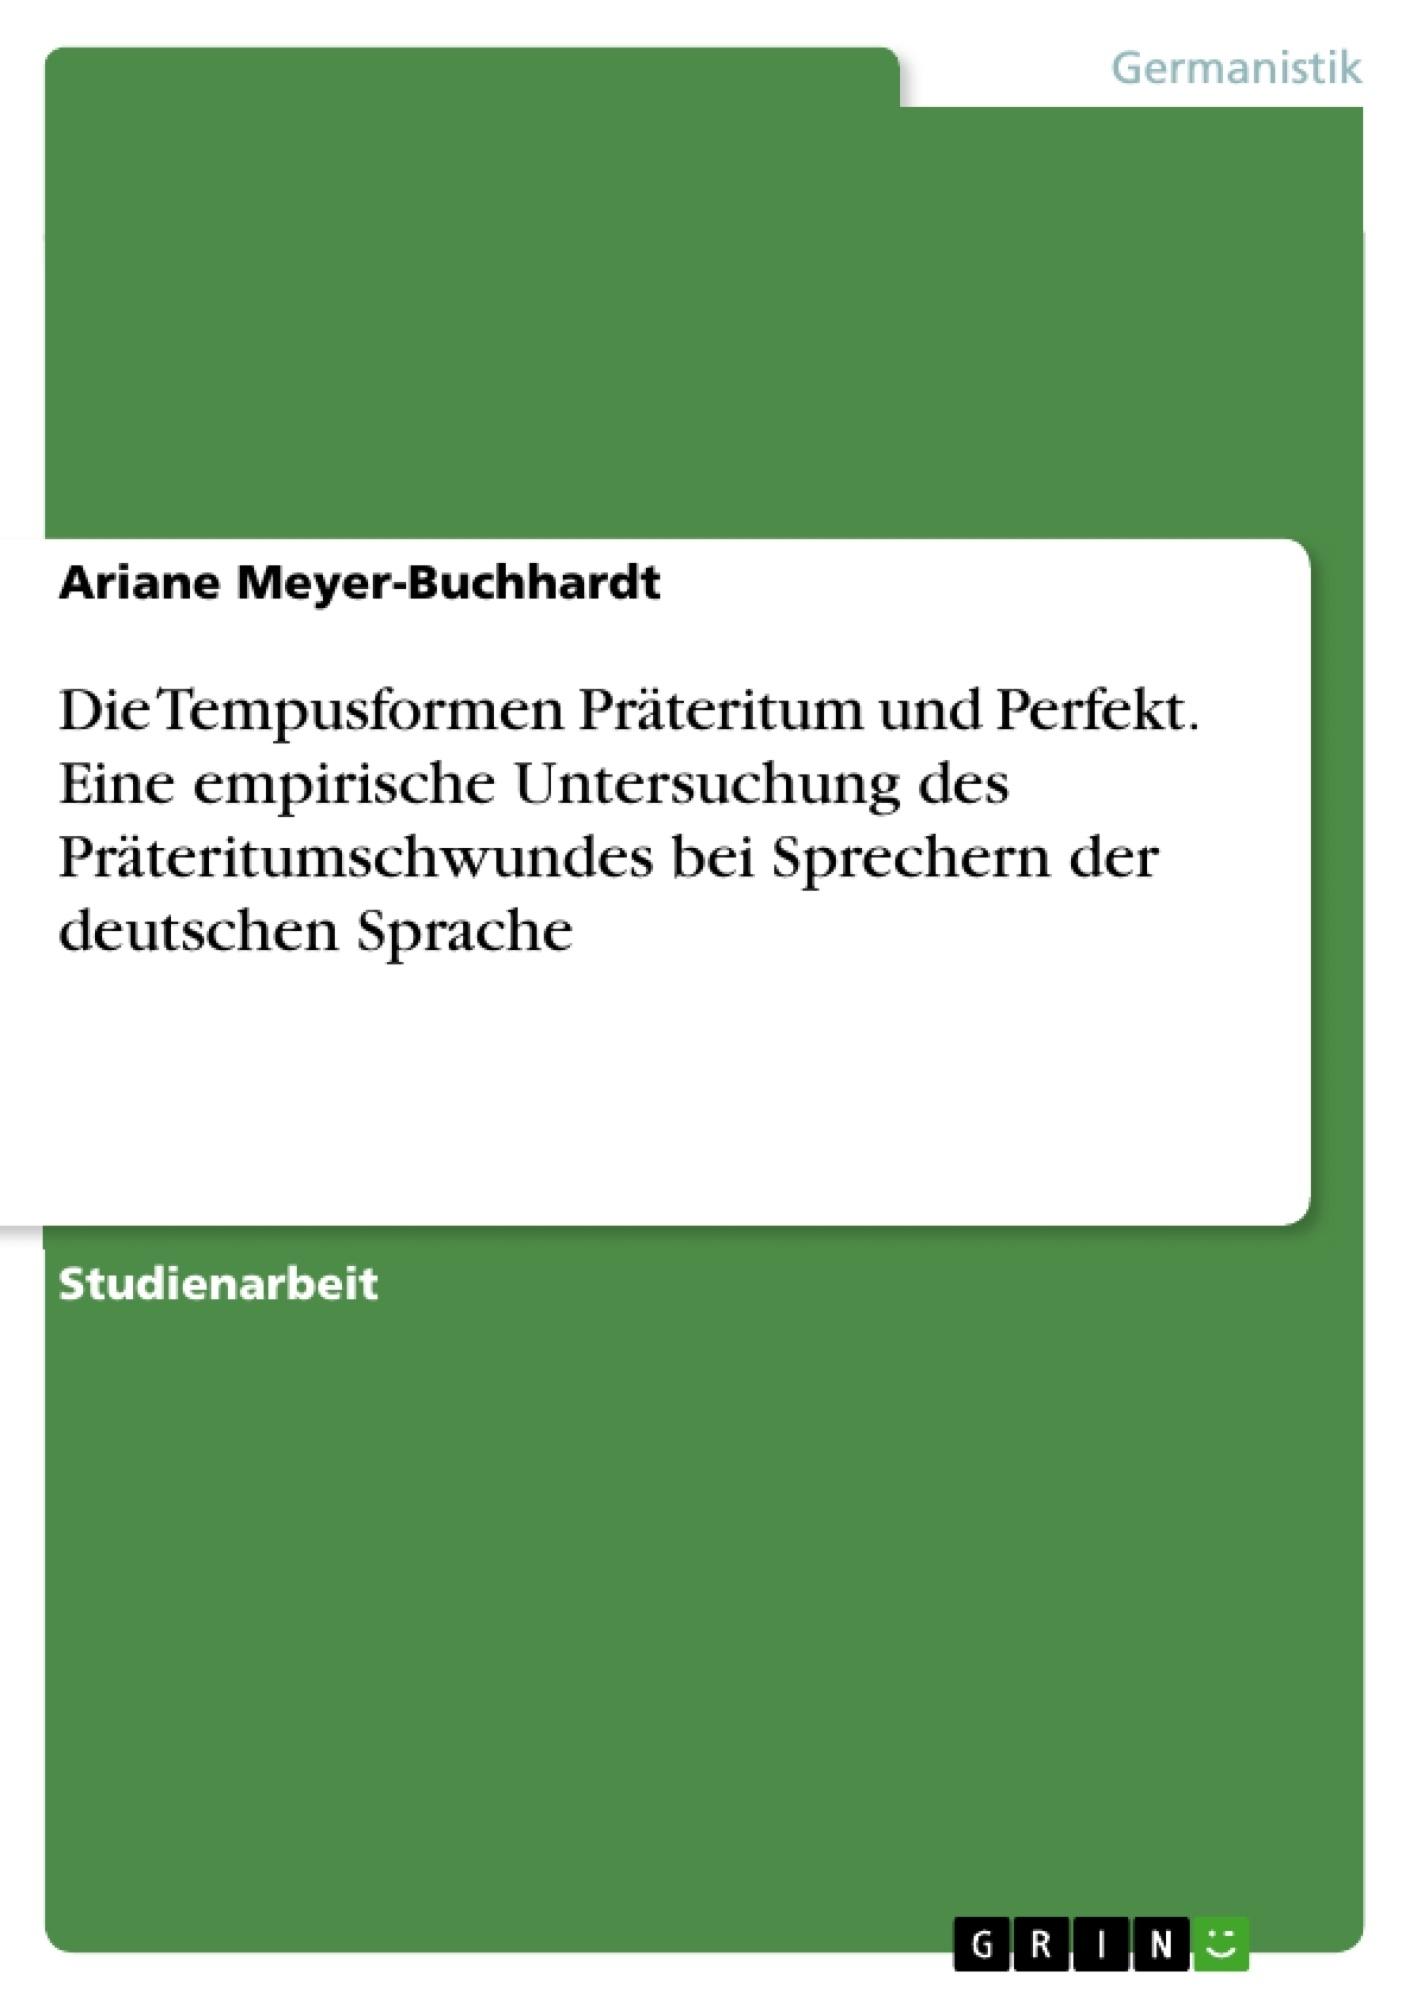 Titel: Die Tempusformen Präteritum und Perfekt. Eine empirische Untersuchung des Präteritumschwundes bei Sprechern der deutschen Sprache